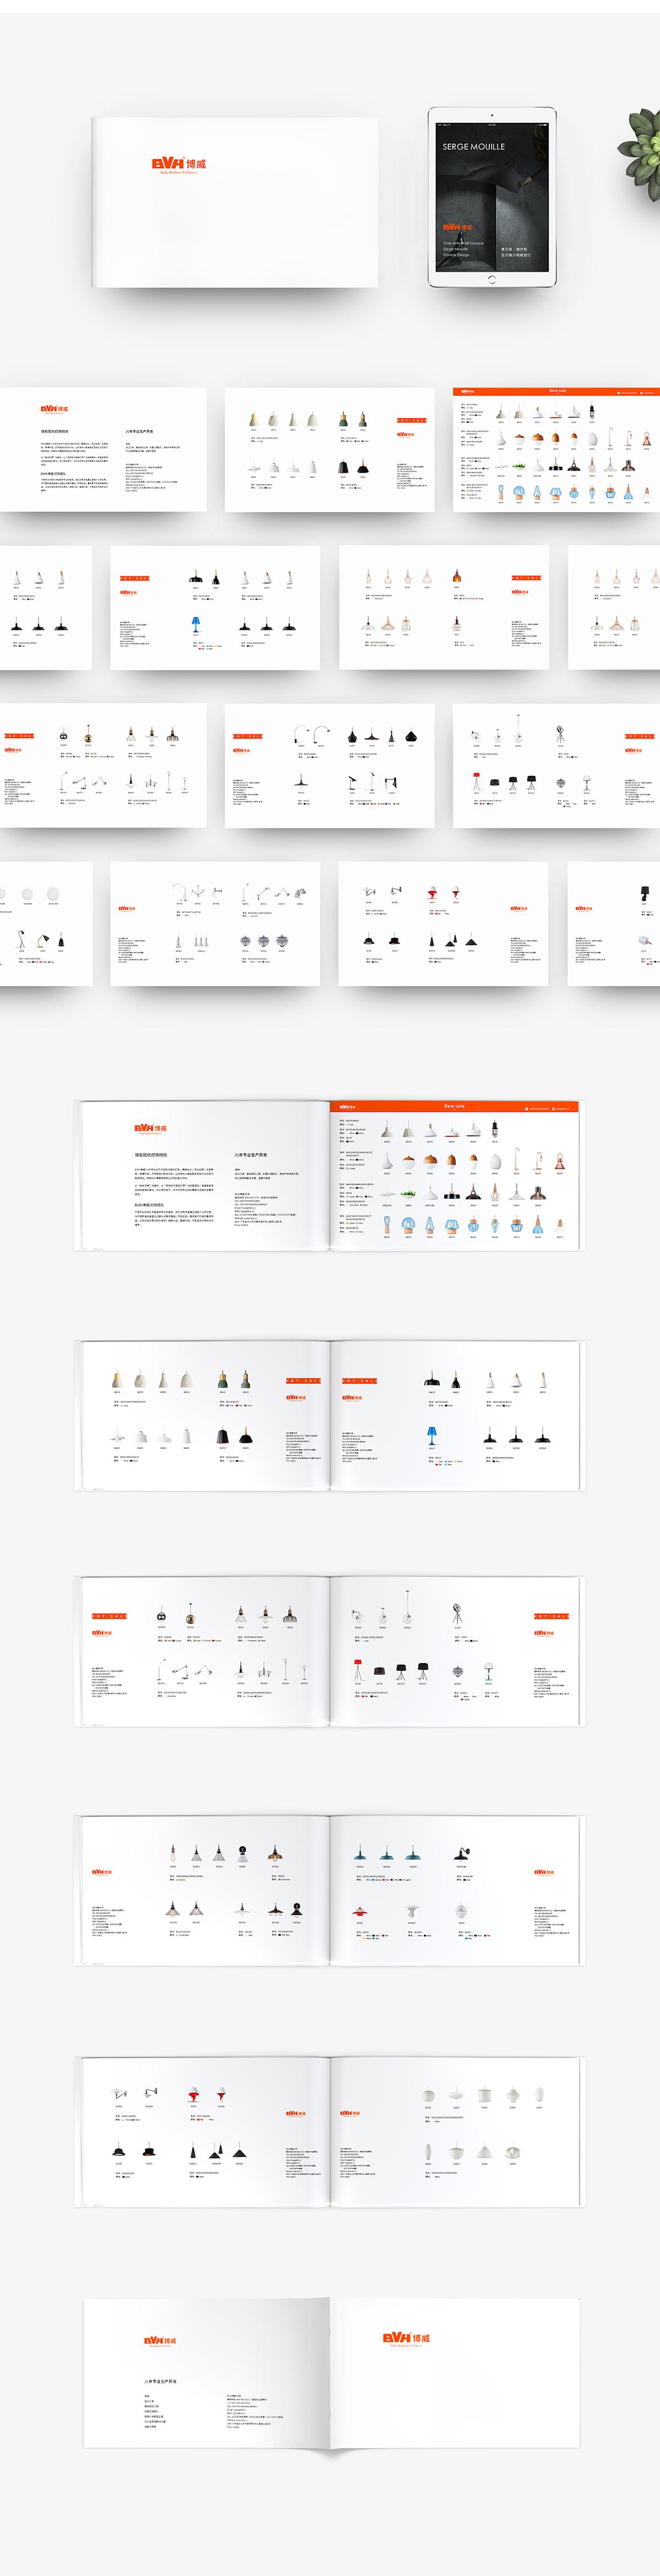 【灯饰】Serge Mouille 电商PC首页宝贝详情页面设计/经典家具 北欧装饰 灯具品